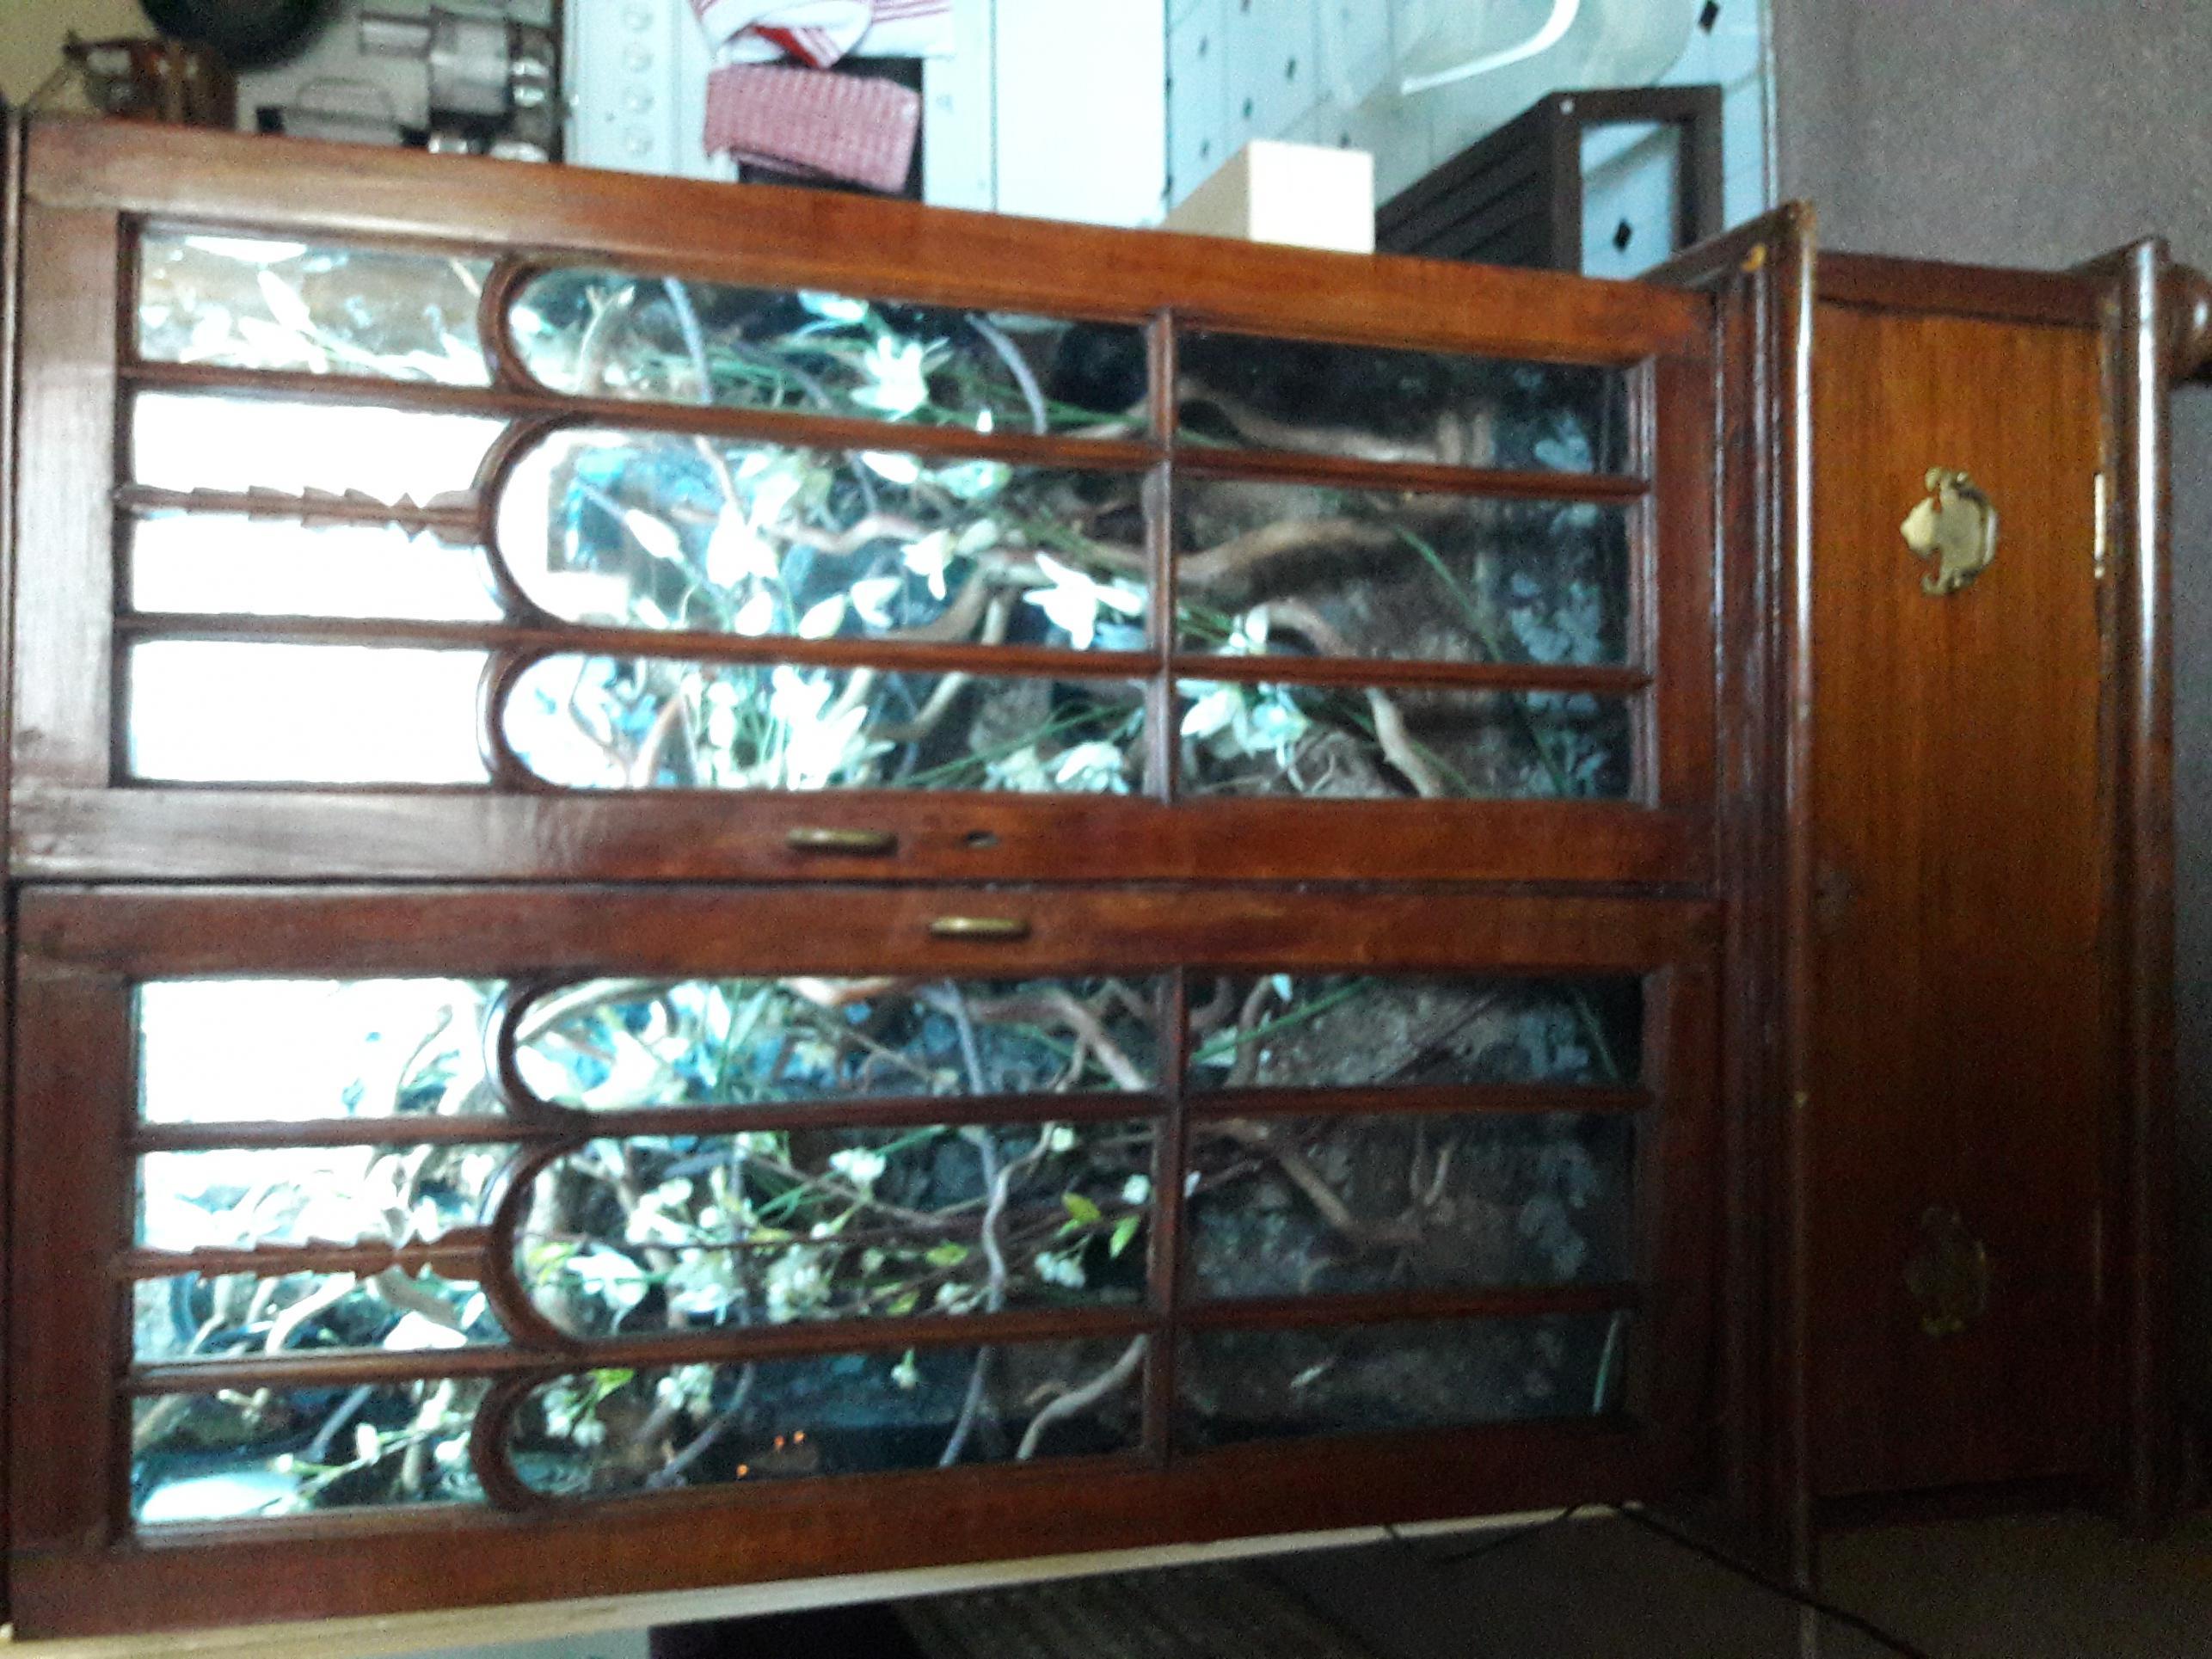 Reptile Vivarium - Cabinet Conversion - Solid Antique Mahogany-img_1276.jpg